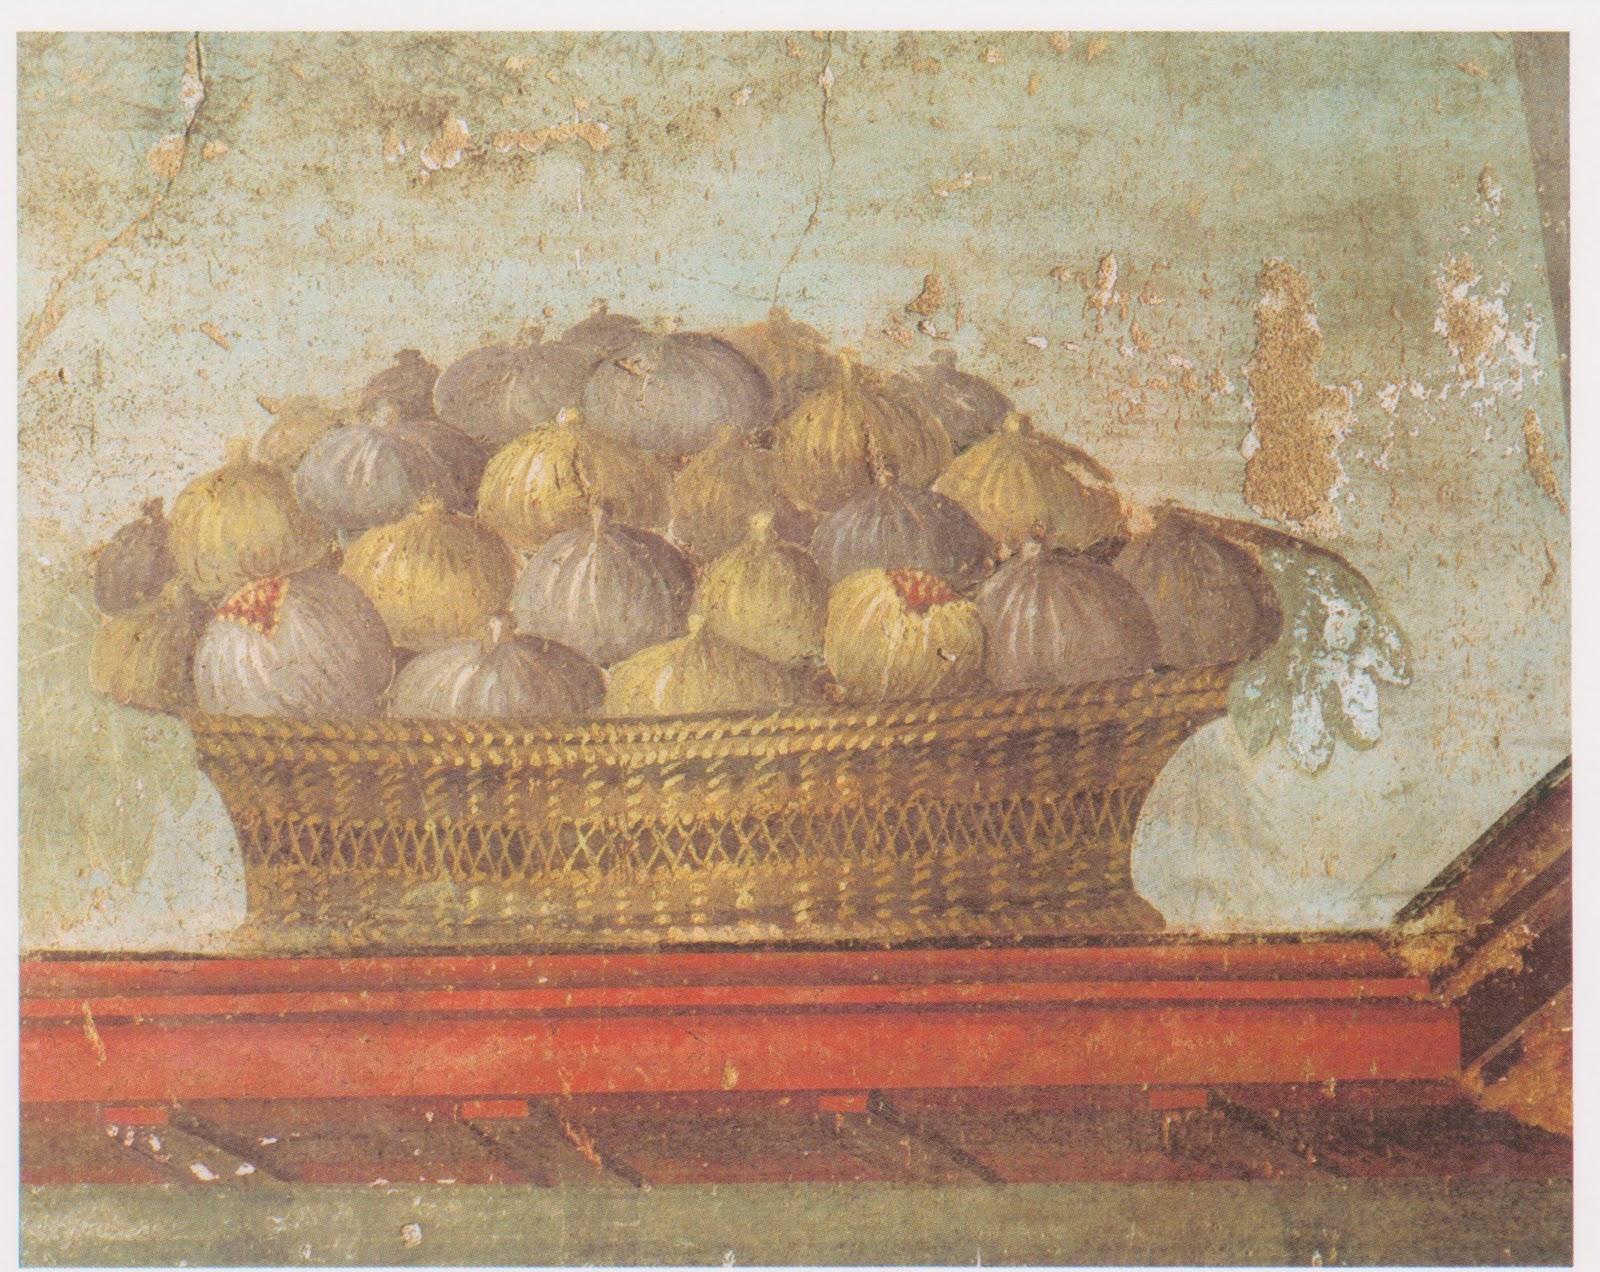 Histoire de la gastronomie l empire romain tie spoon - La cuisine de la rome antique ...